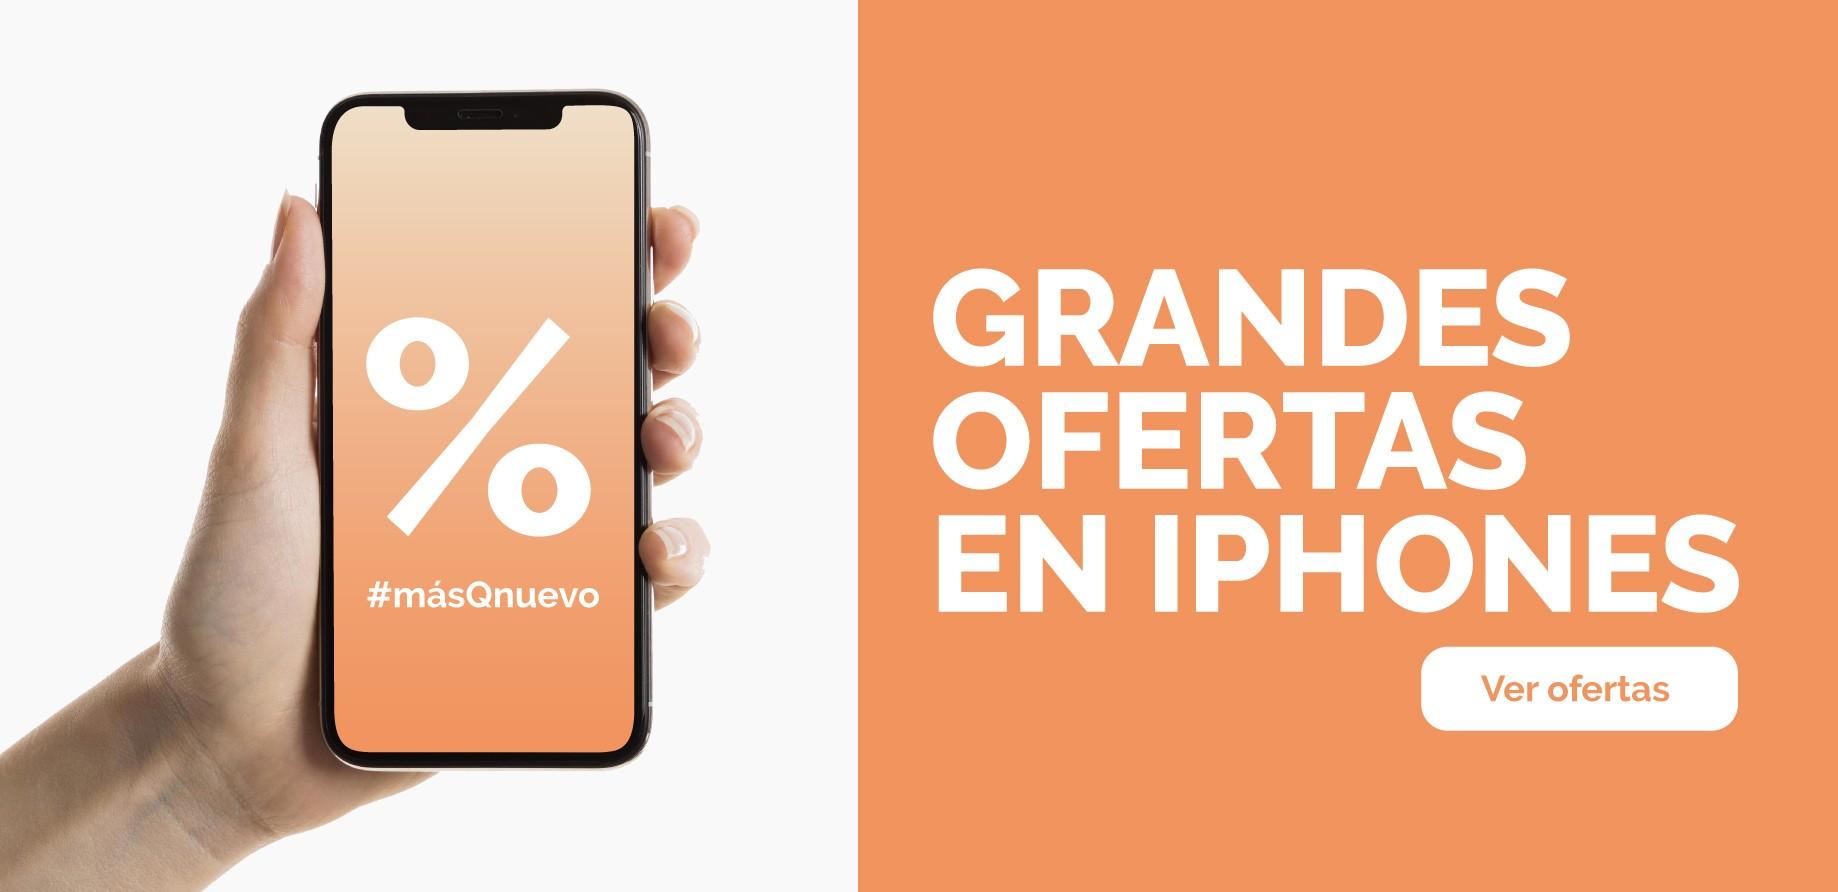 GRANDES OFERTAS EN IPHONES EN másQnuevo